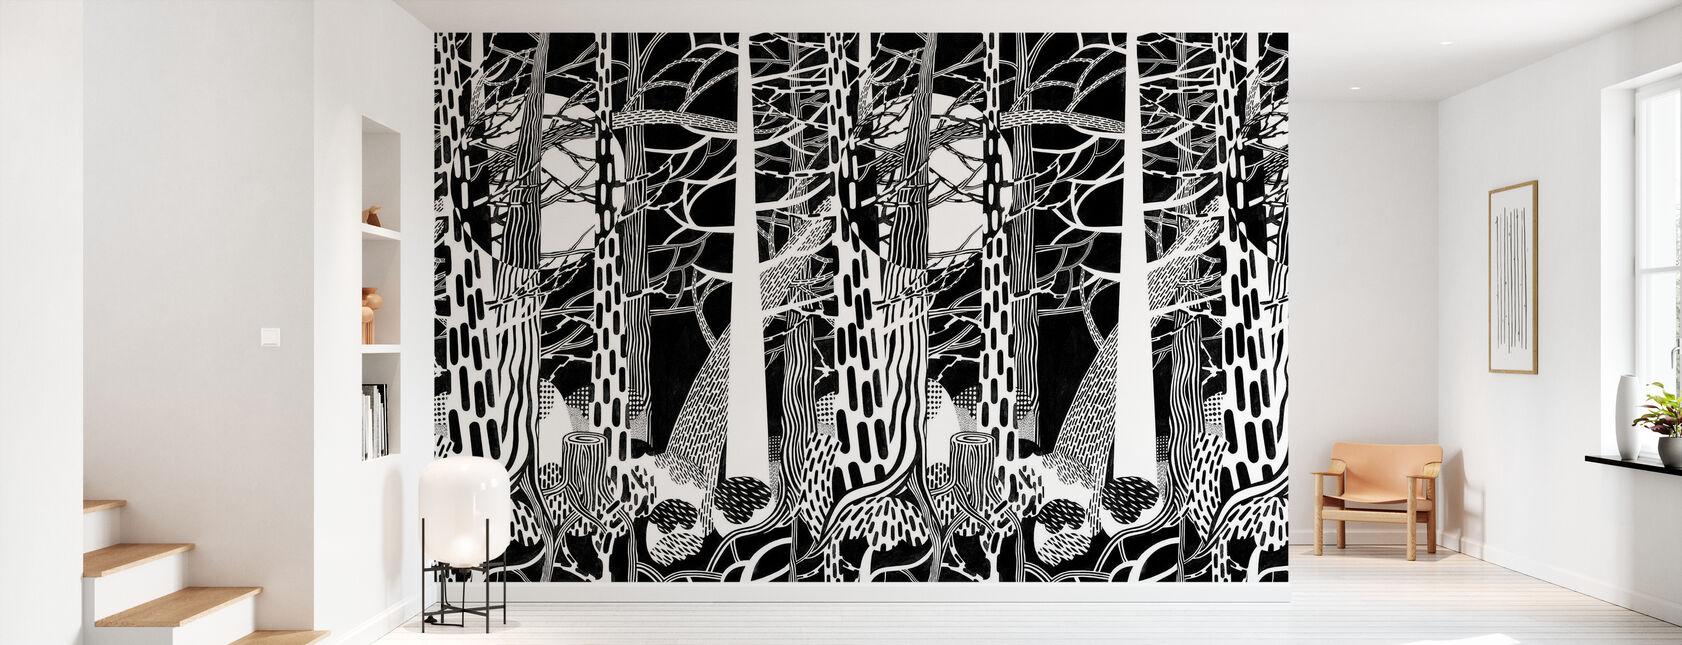 Fir Forest - Wallpaper - Hallway